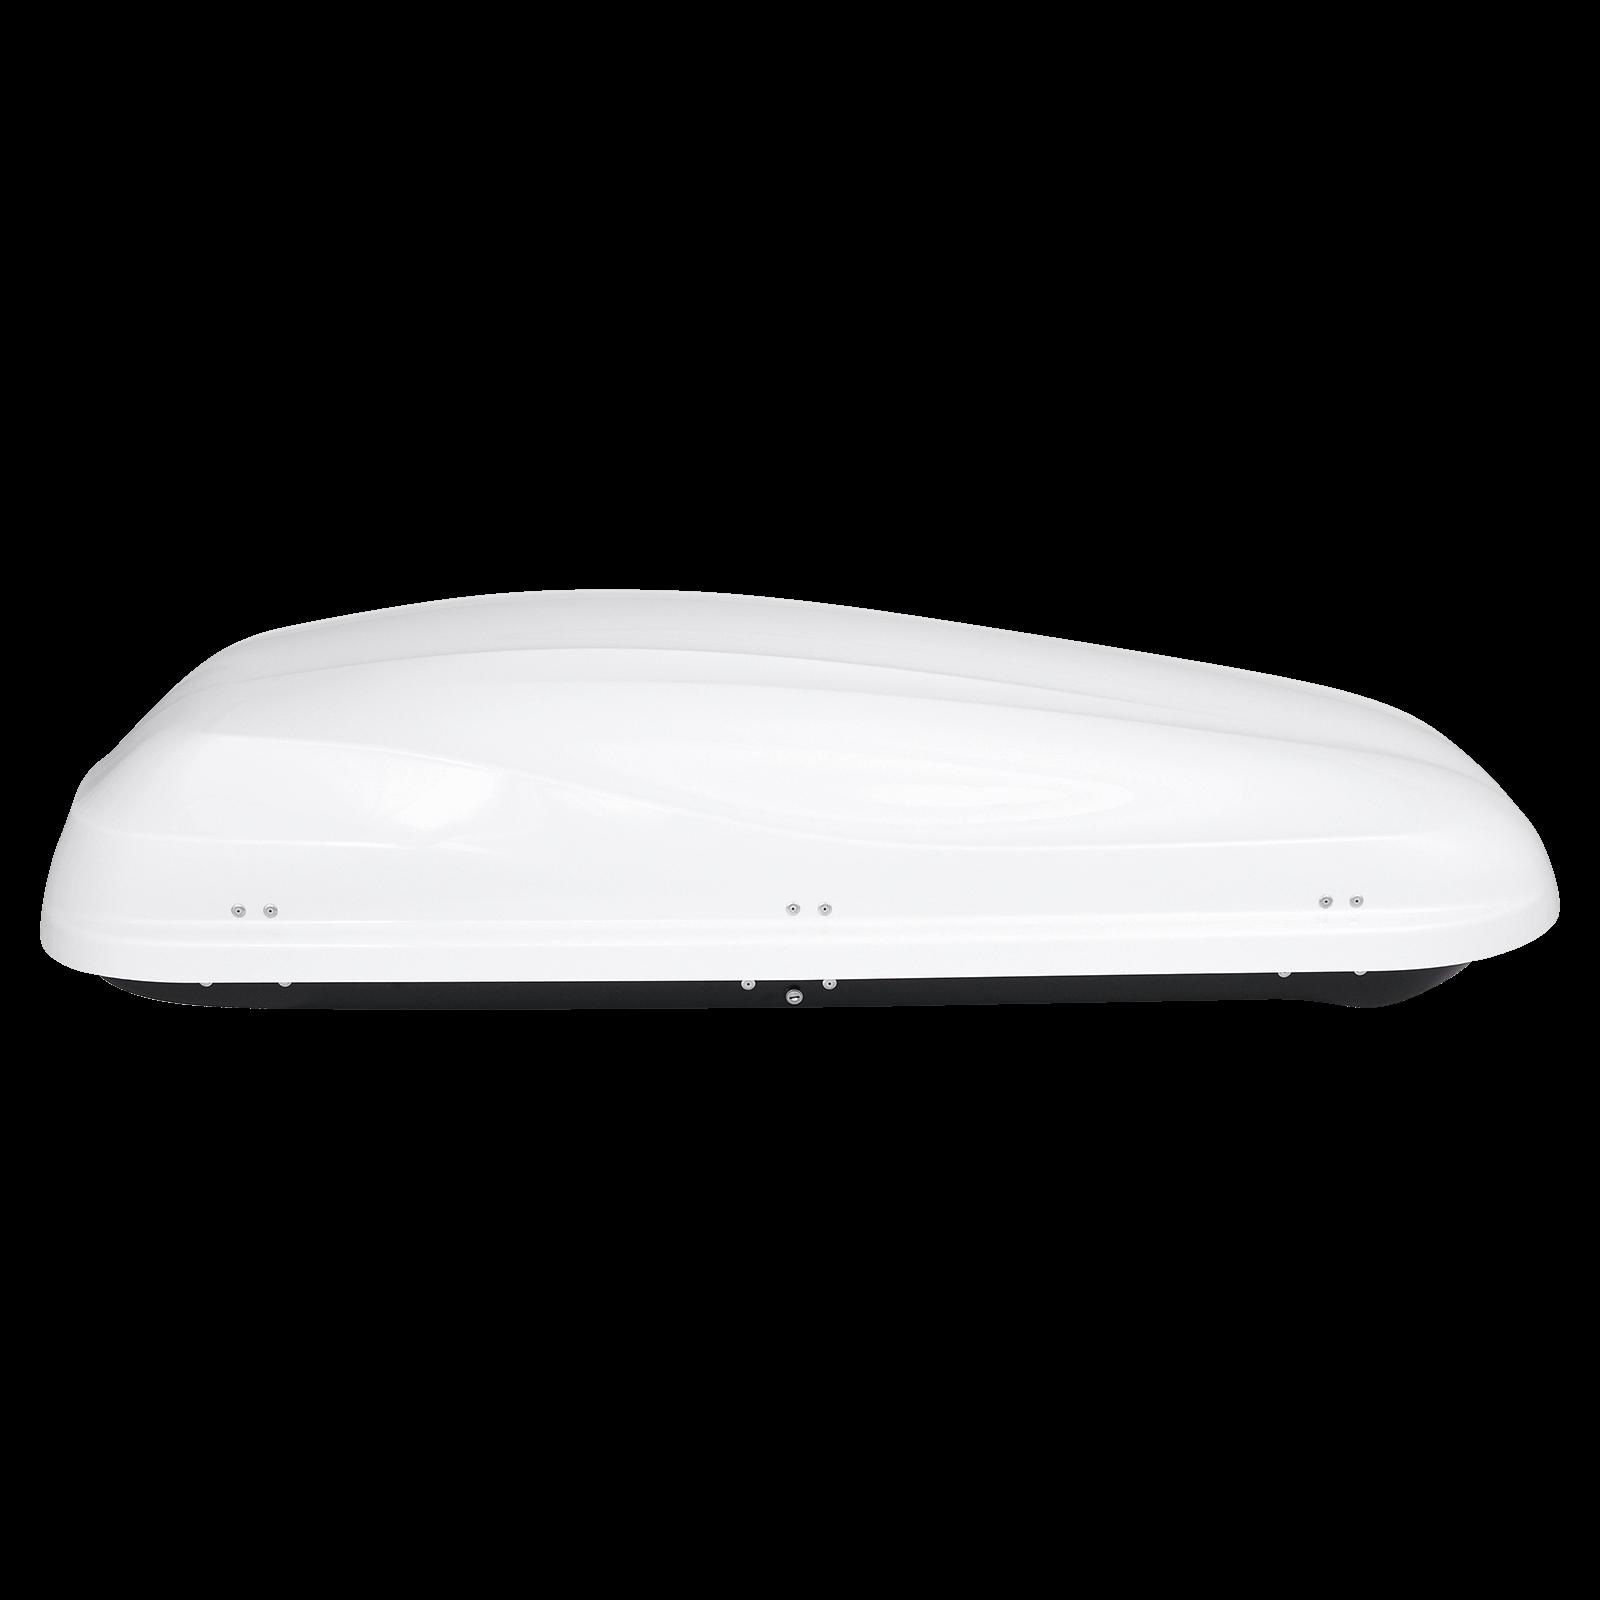 Dachbox Junior Altro 460 weiß glänzend - Bild 4